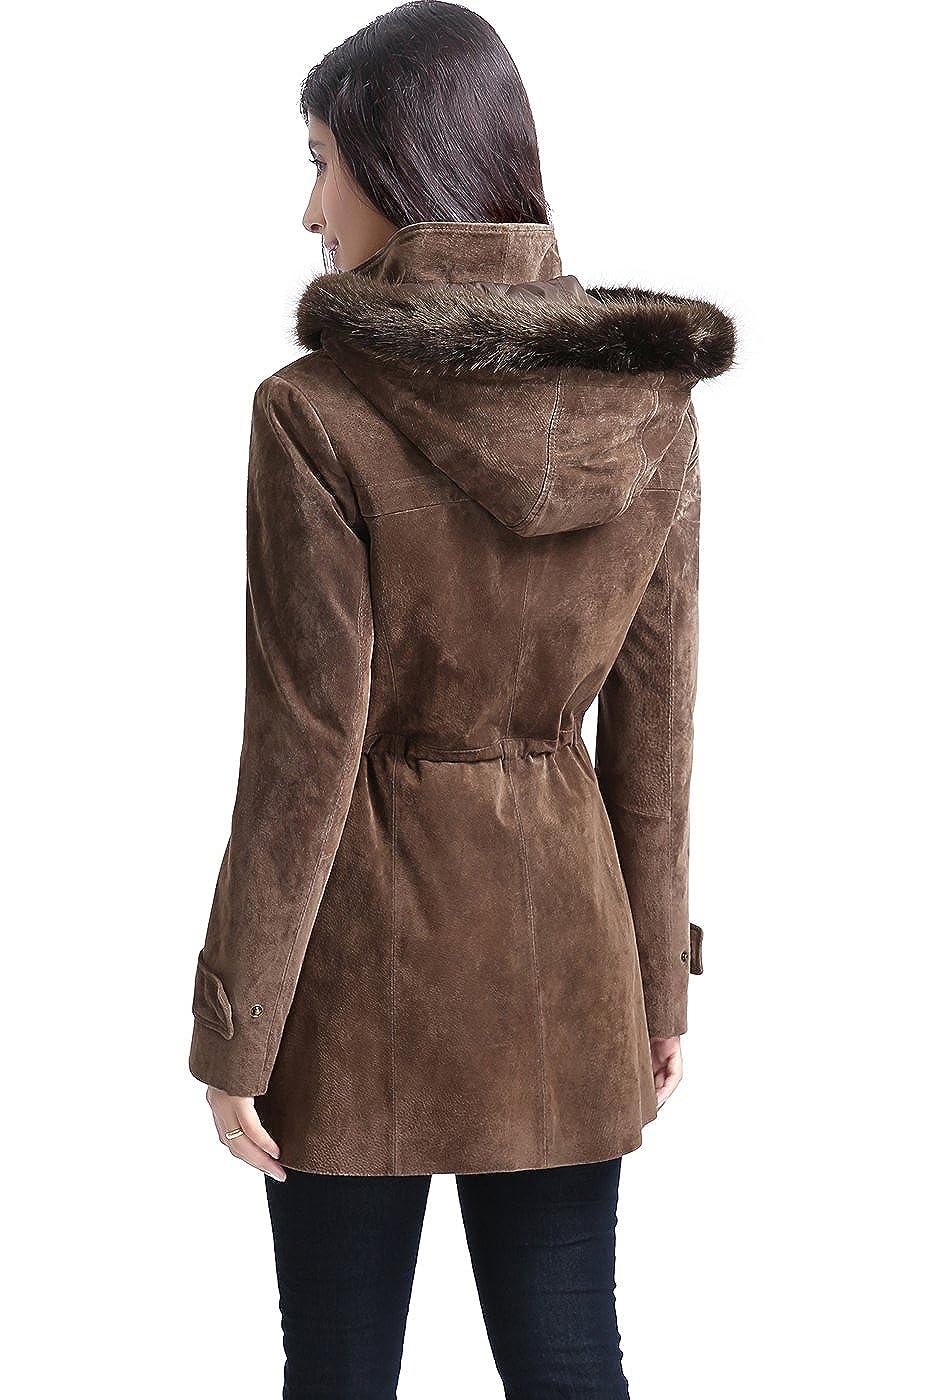 Amazon.com: BGSD de la mujer chloe Ante de piel Parka Coat ...